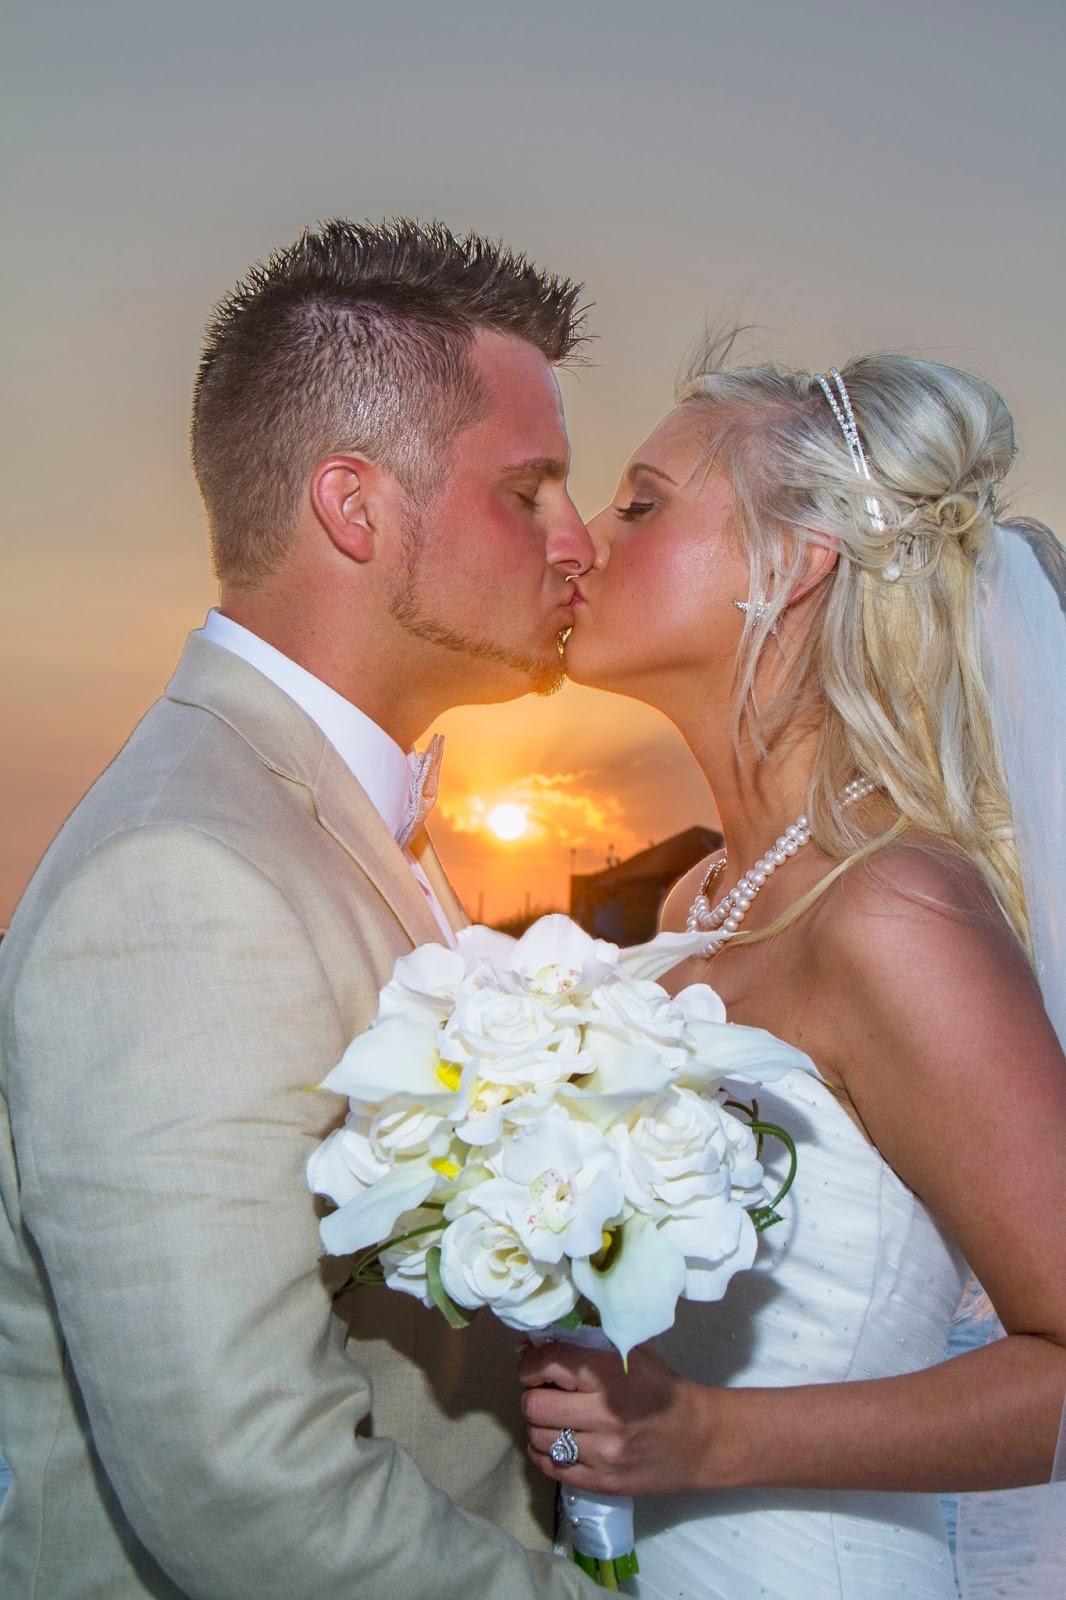 Beach weddings fort walton beach wedding packages sunset beach - Romantic Sunset Beach Weddings In Florida